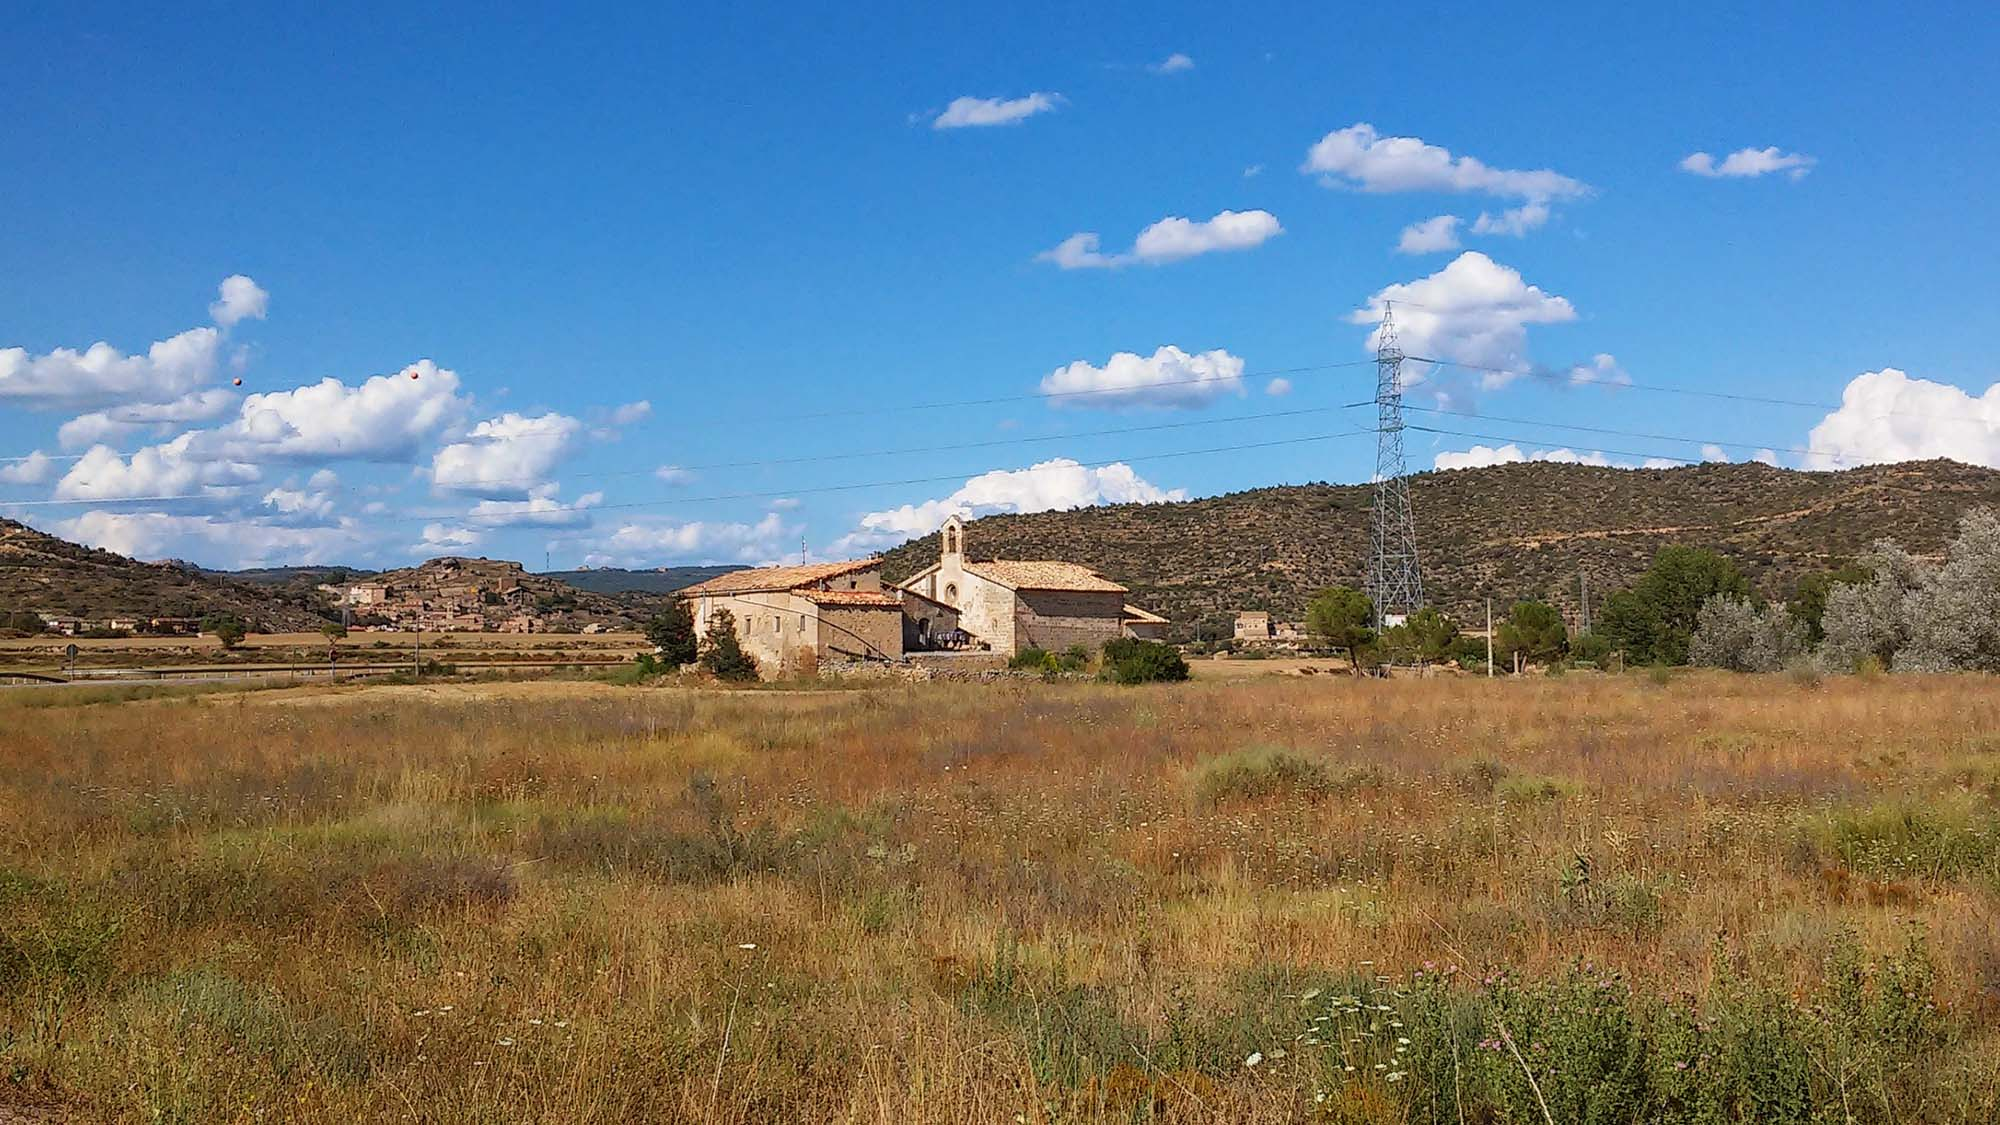 La vil·la romana de Sant Pelegrí, Espai de Protecció Arqueològic